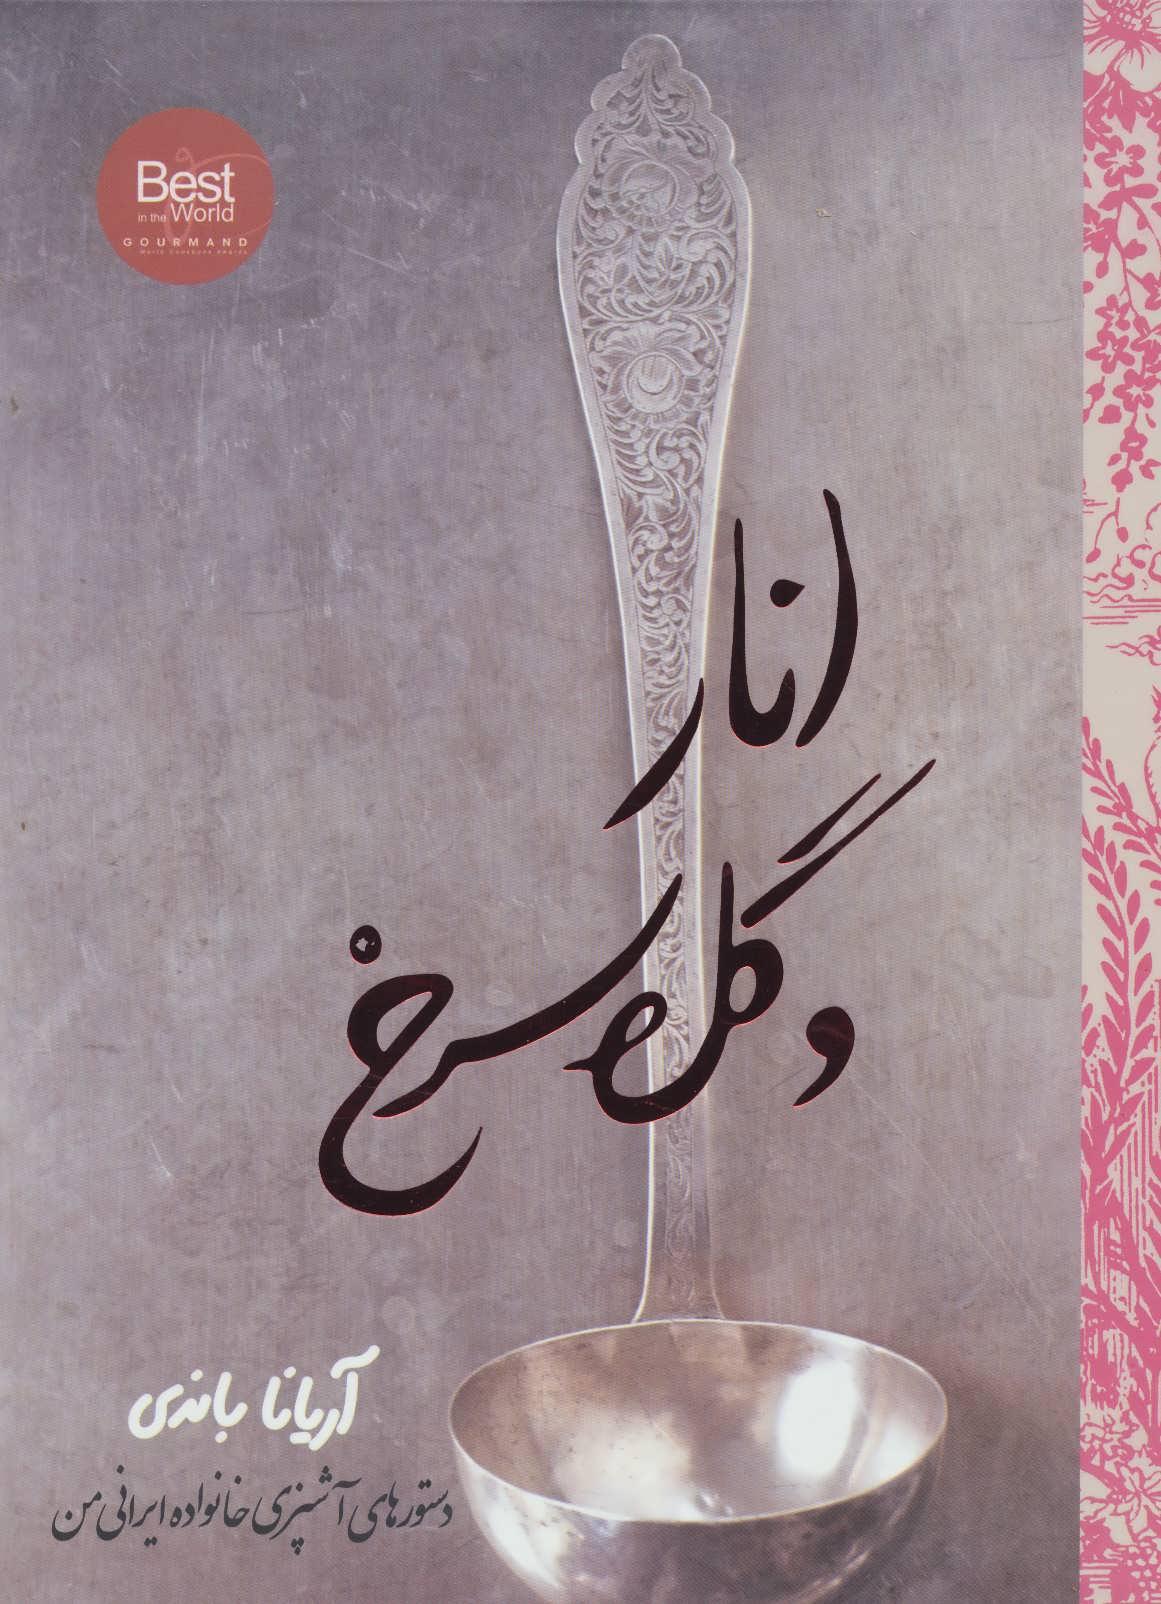 انار و گل سرخ (دستورهای آشپزی خانواده ایرانی من)،(گلاسه)